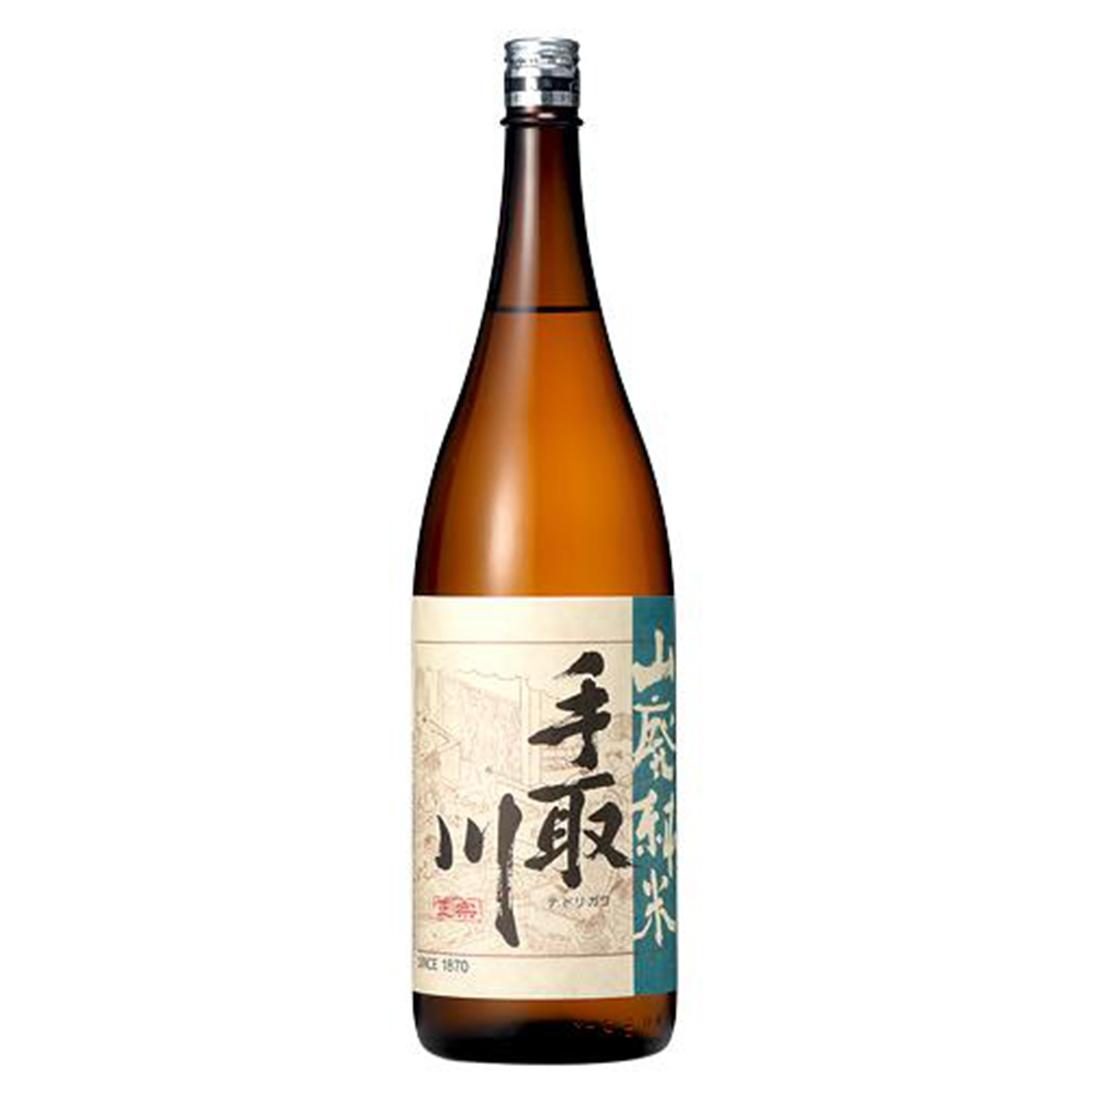 手取川 山廃純米酒